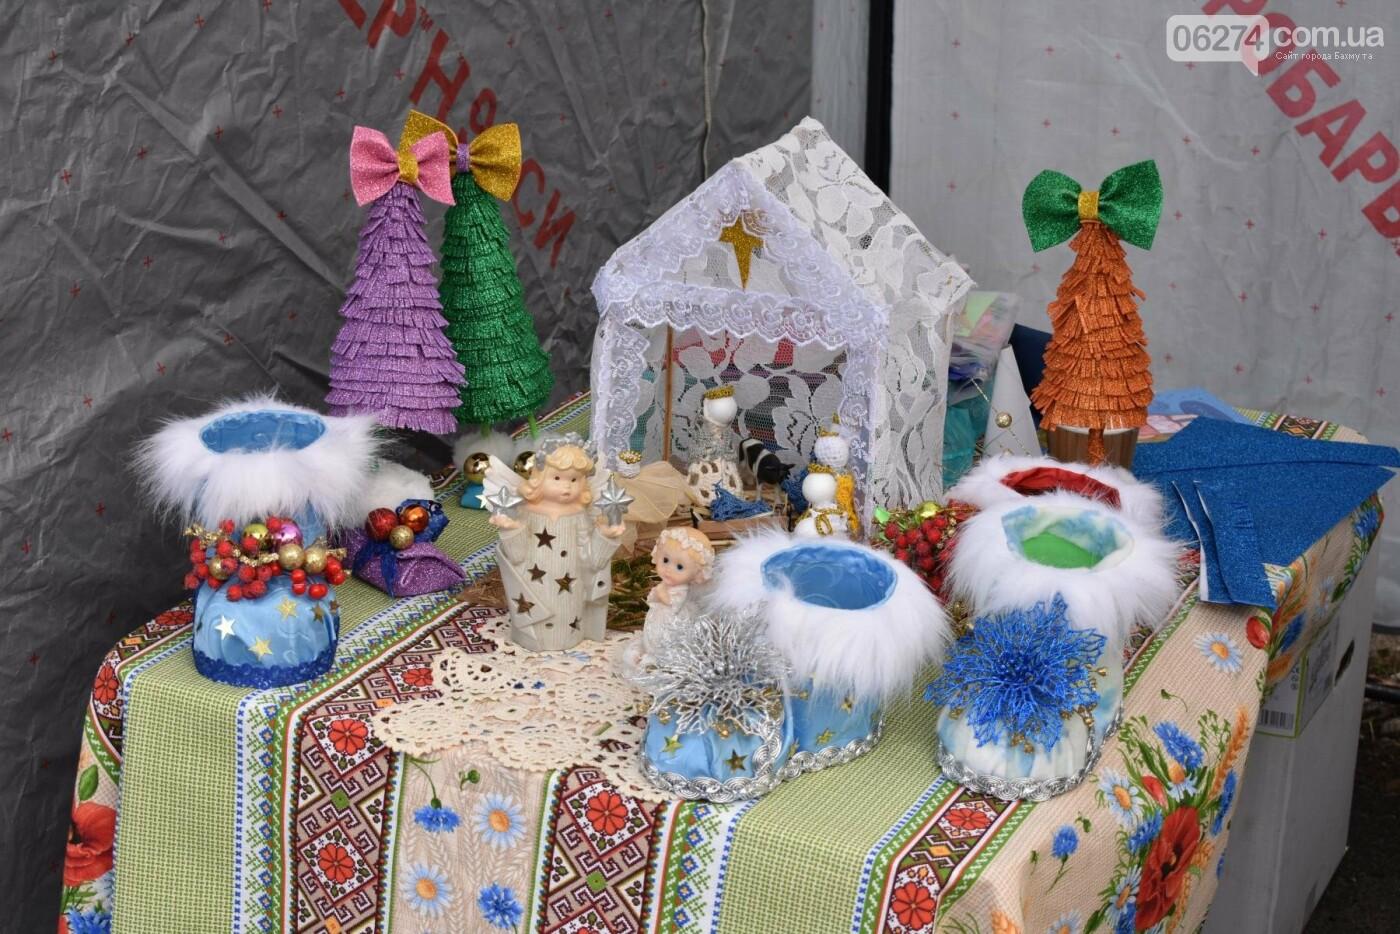 Бахмутские коллективы приняли участие в фестивале вертепов «Рождественский перезвон», фото-17